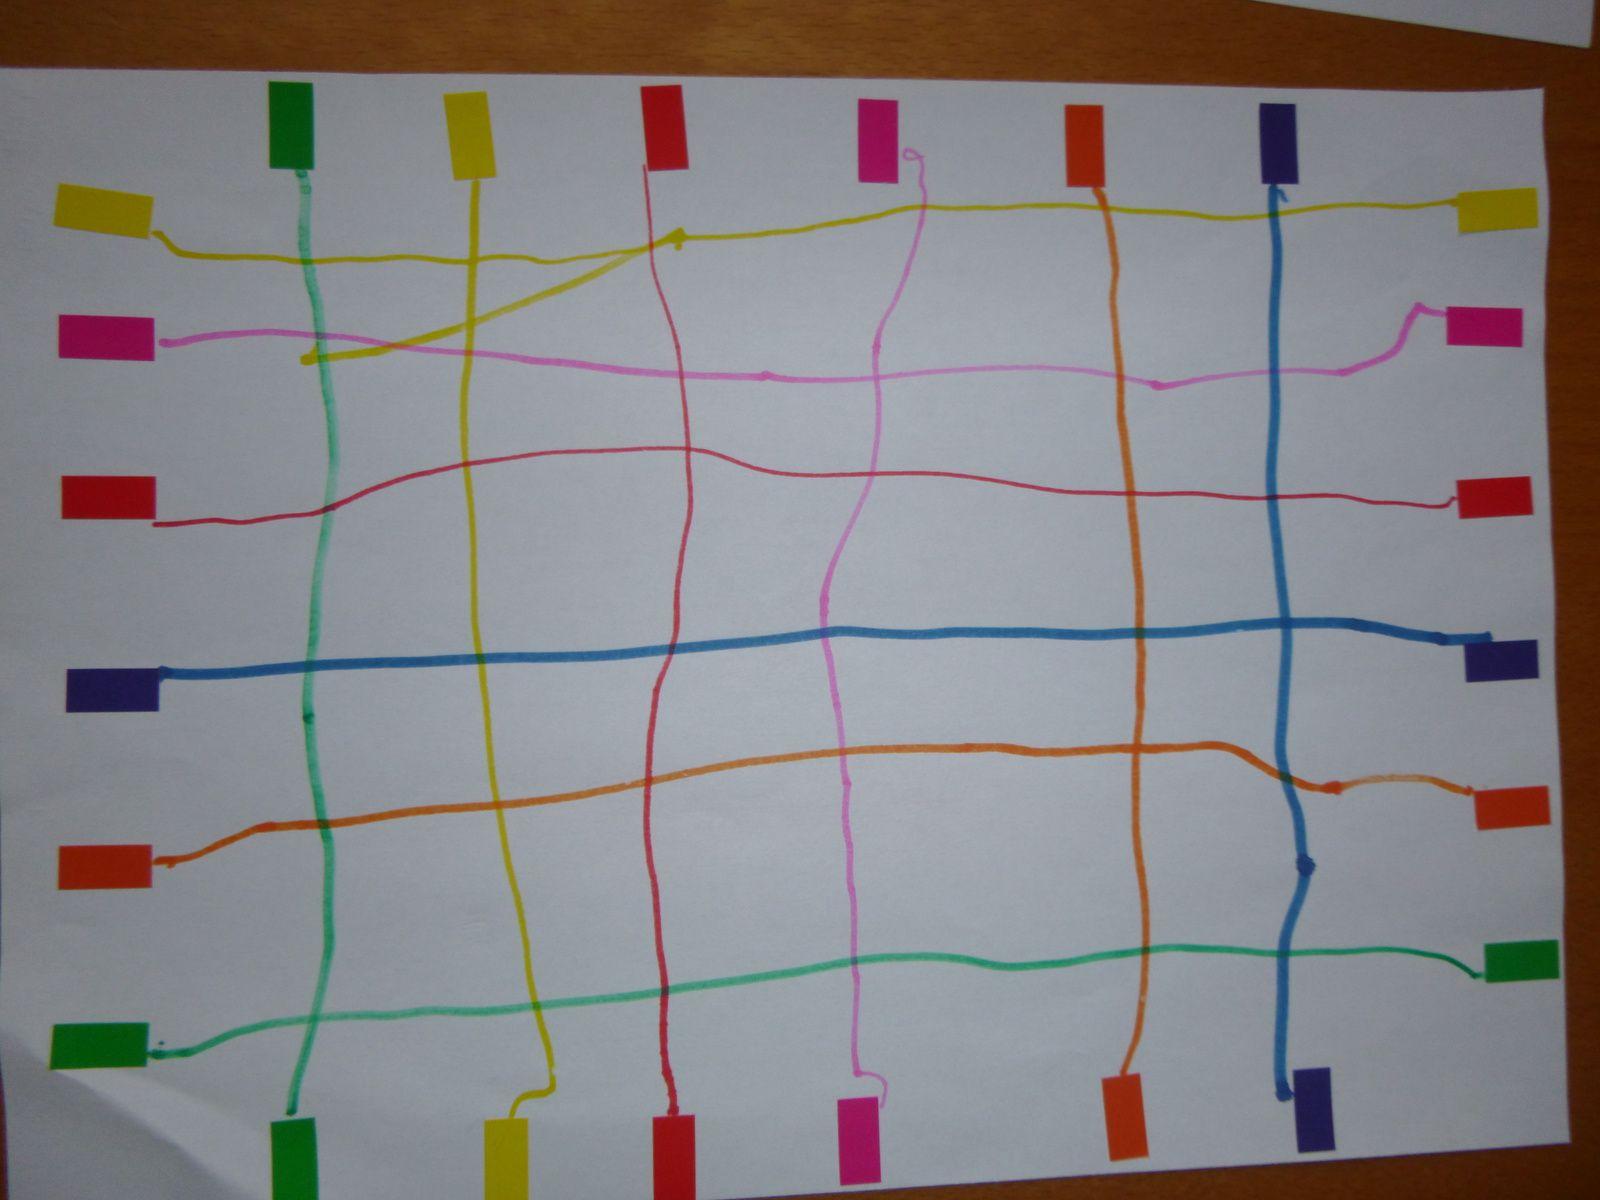 Graphisme : tracer des lignes pour relier les gommettes